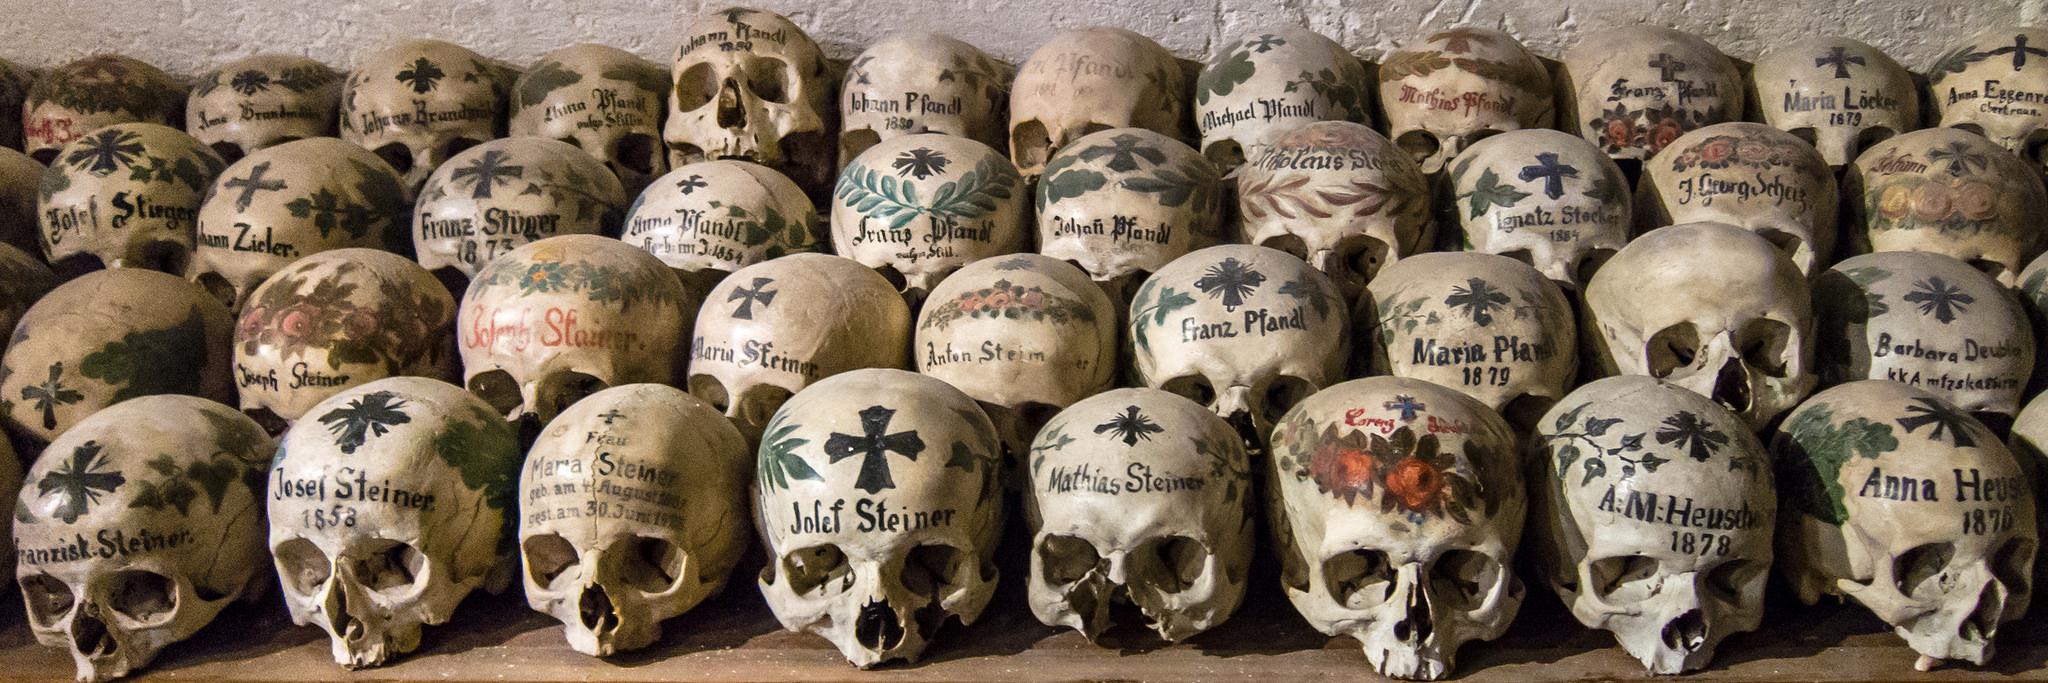 The Painted Skulls of Hallstatt